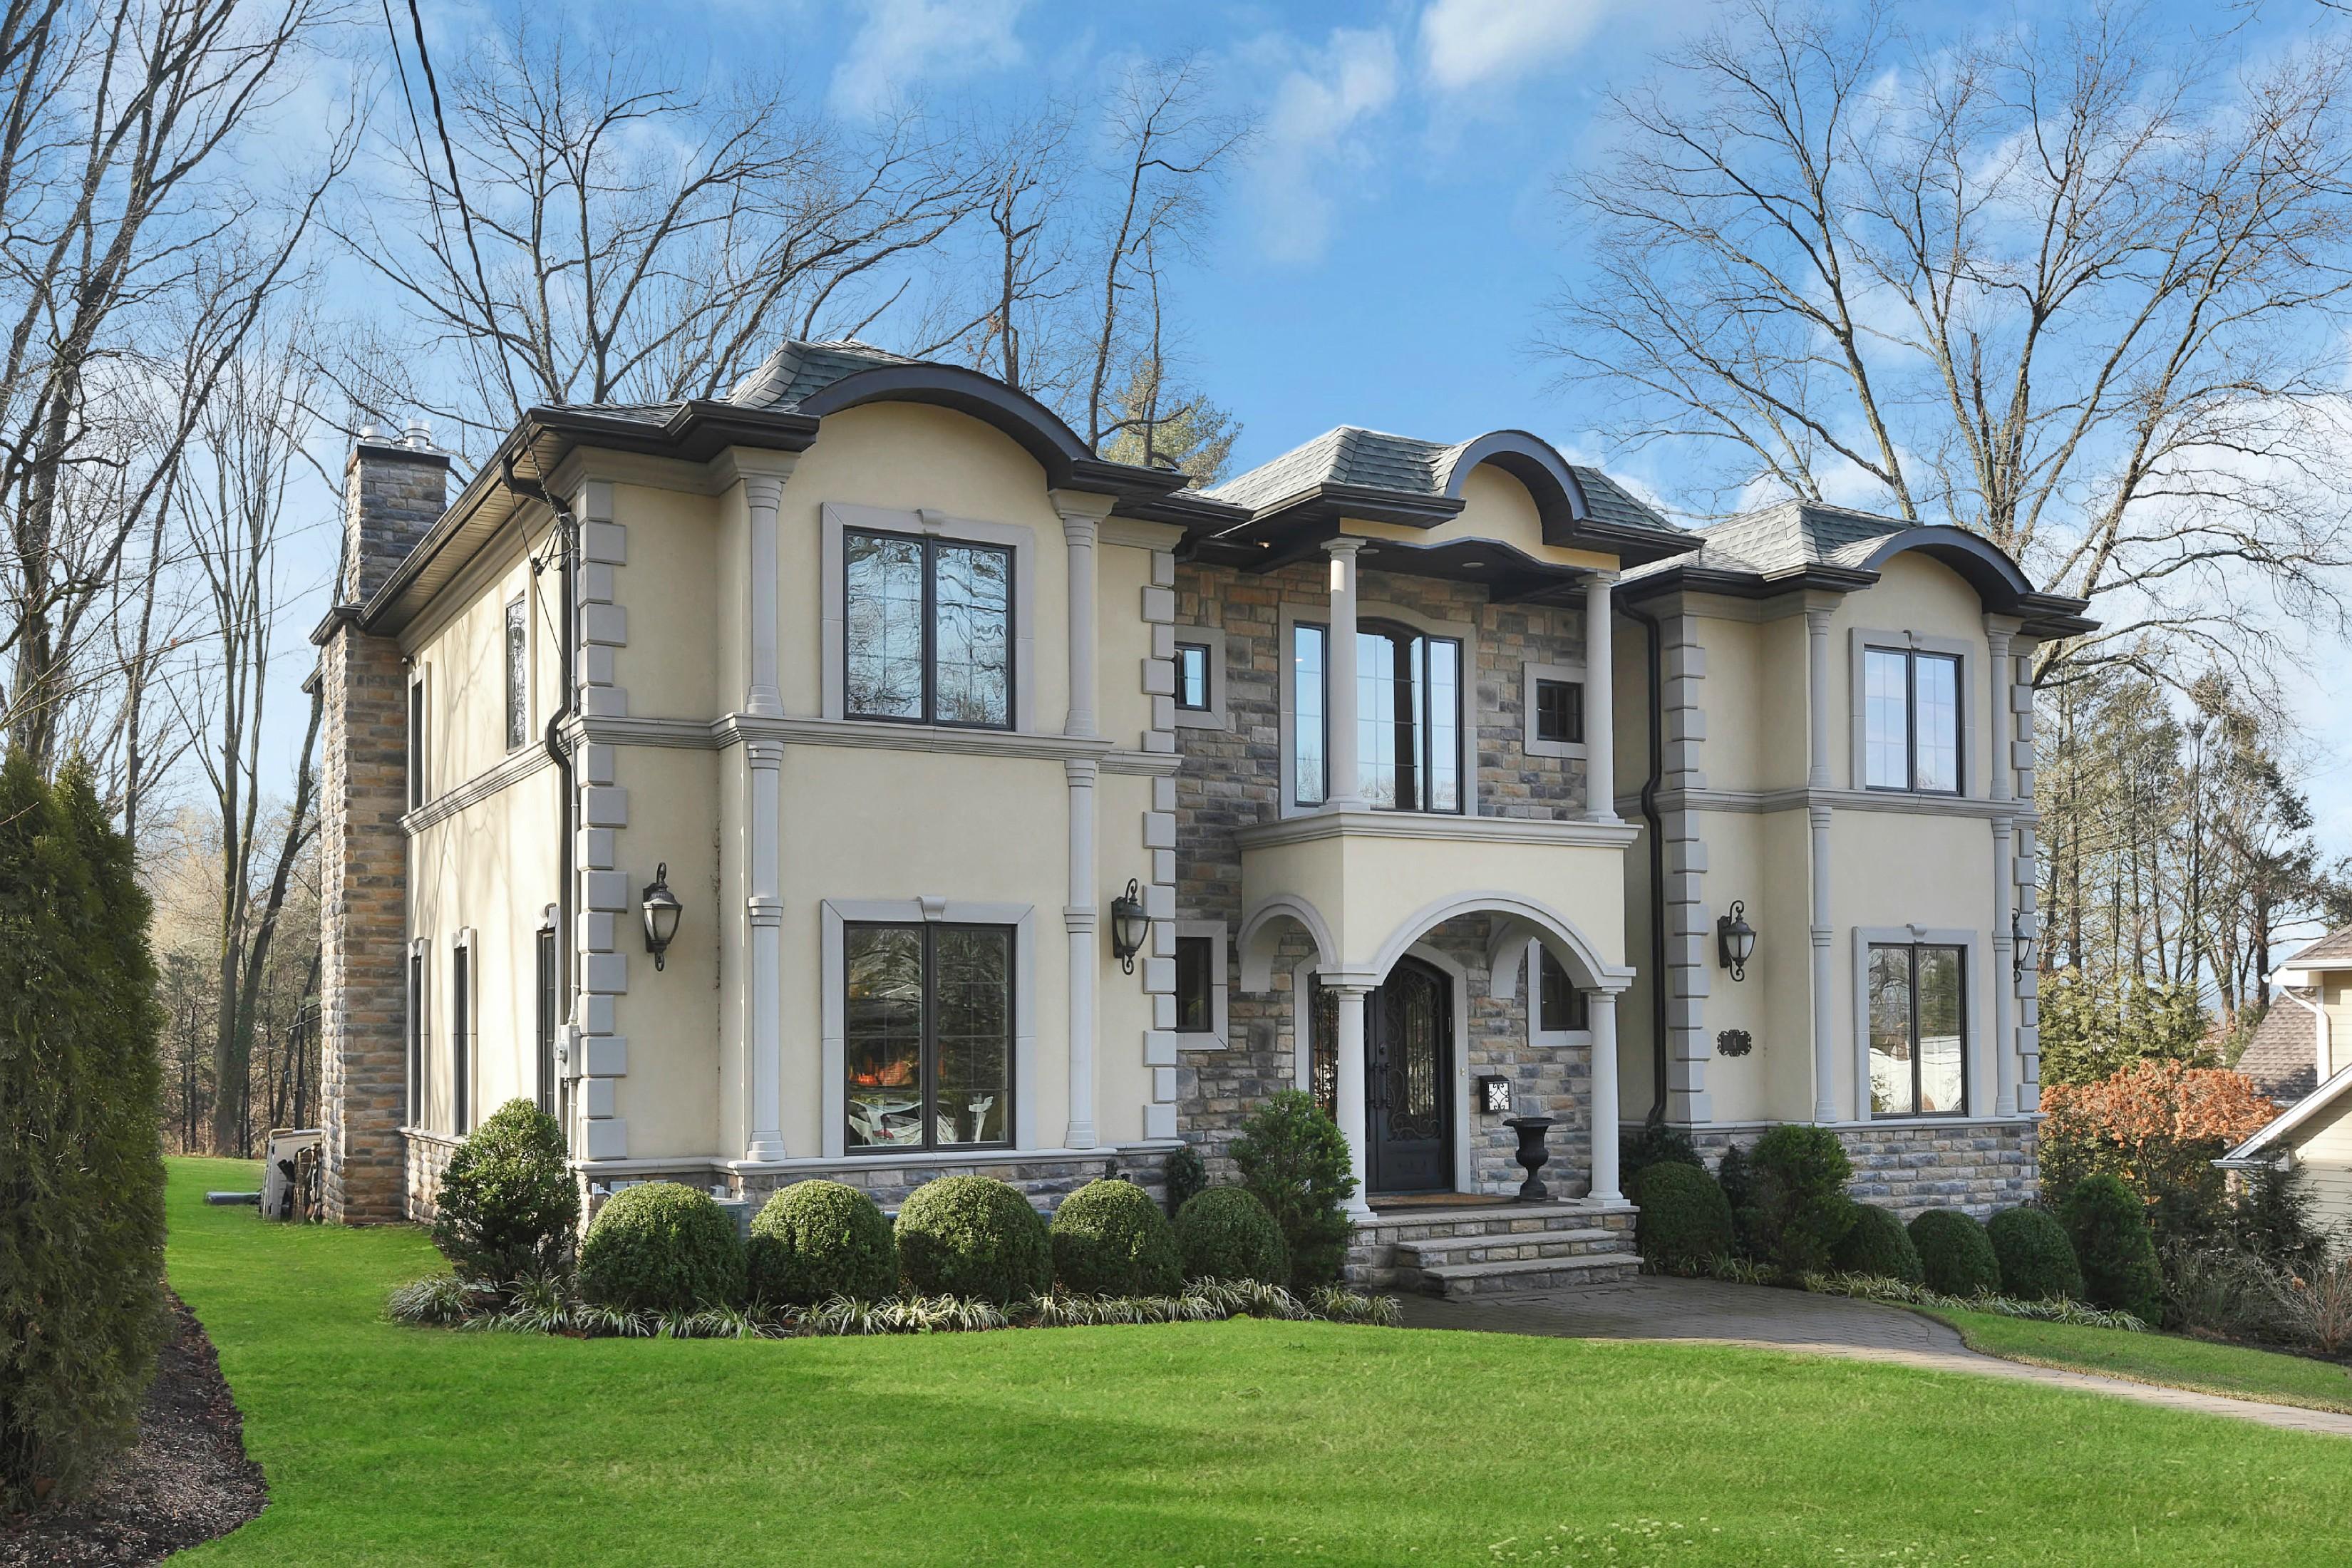 独户住宅 为 销售 在 Gorgeous Tenafly Colonial 4 N Summit Street 特纳弗莱, 新泽西州 07670 美国